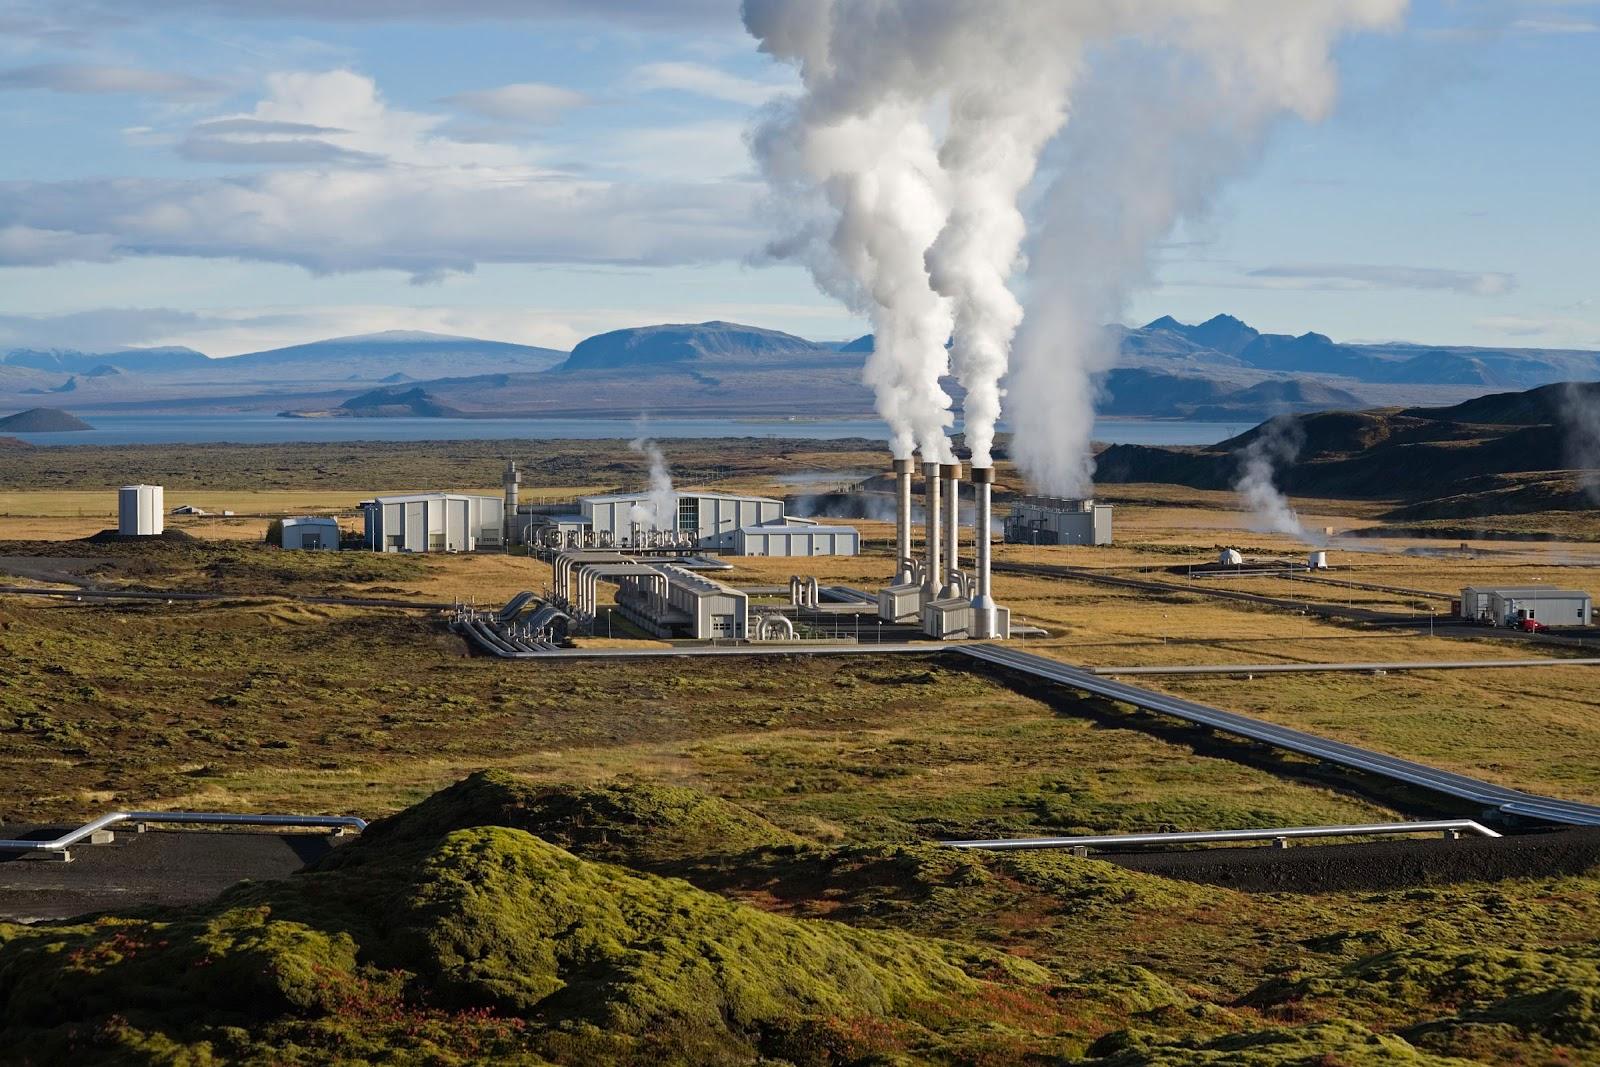 Makalah Pembangkit Listrik Tenaga Panas Bumi Techno